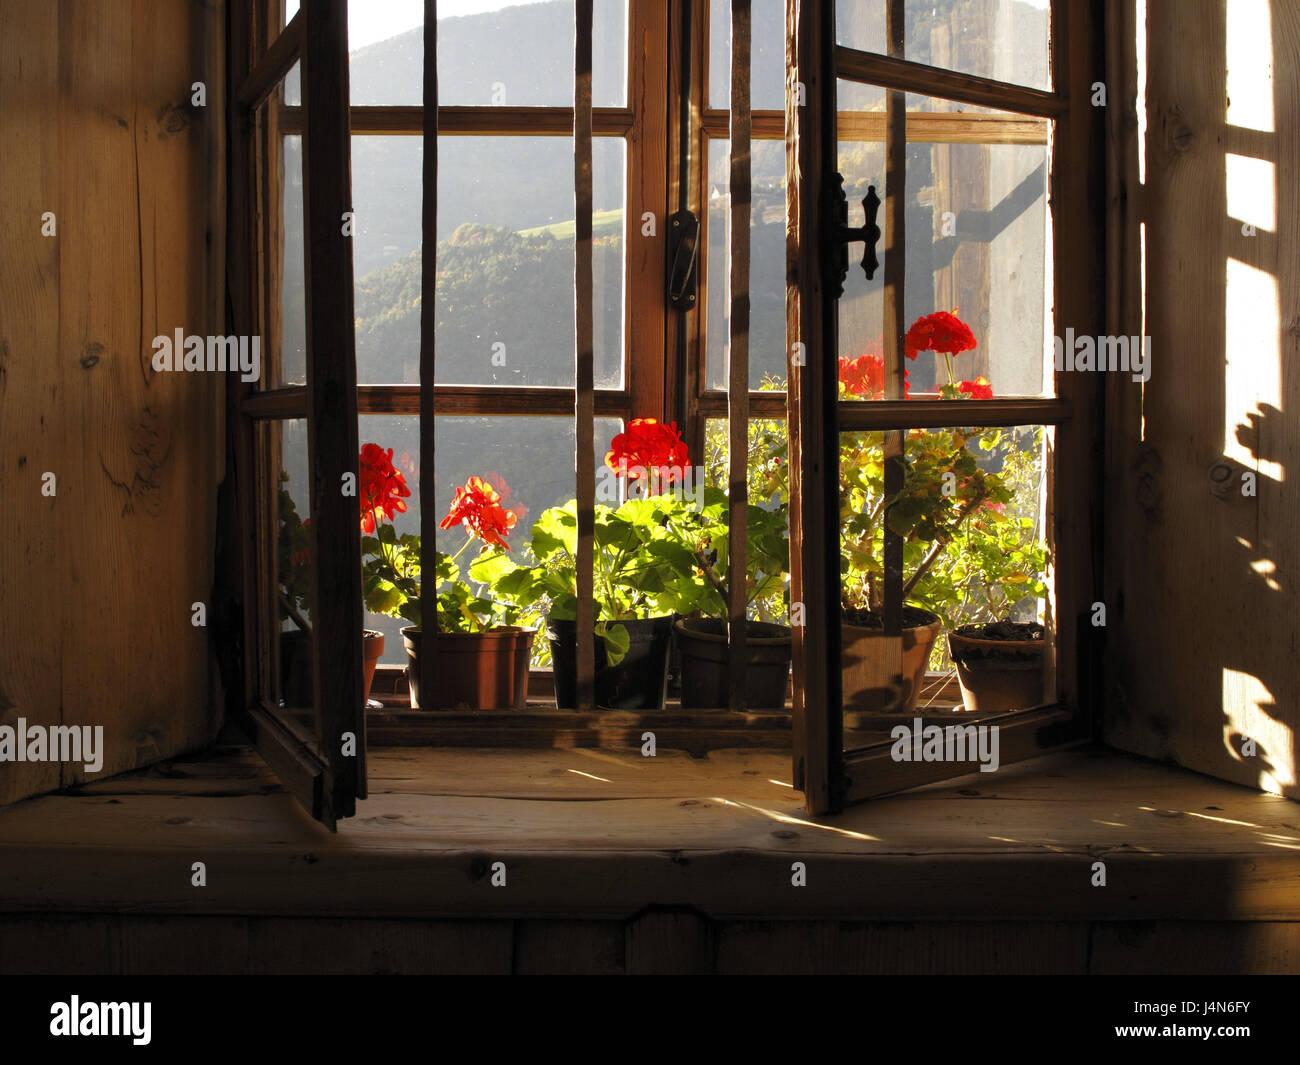 Bauernhaus-Fenster mit Blumenschmuck von innen, Architektur